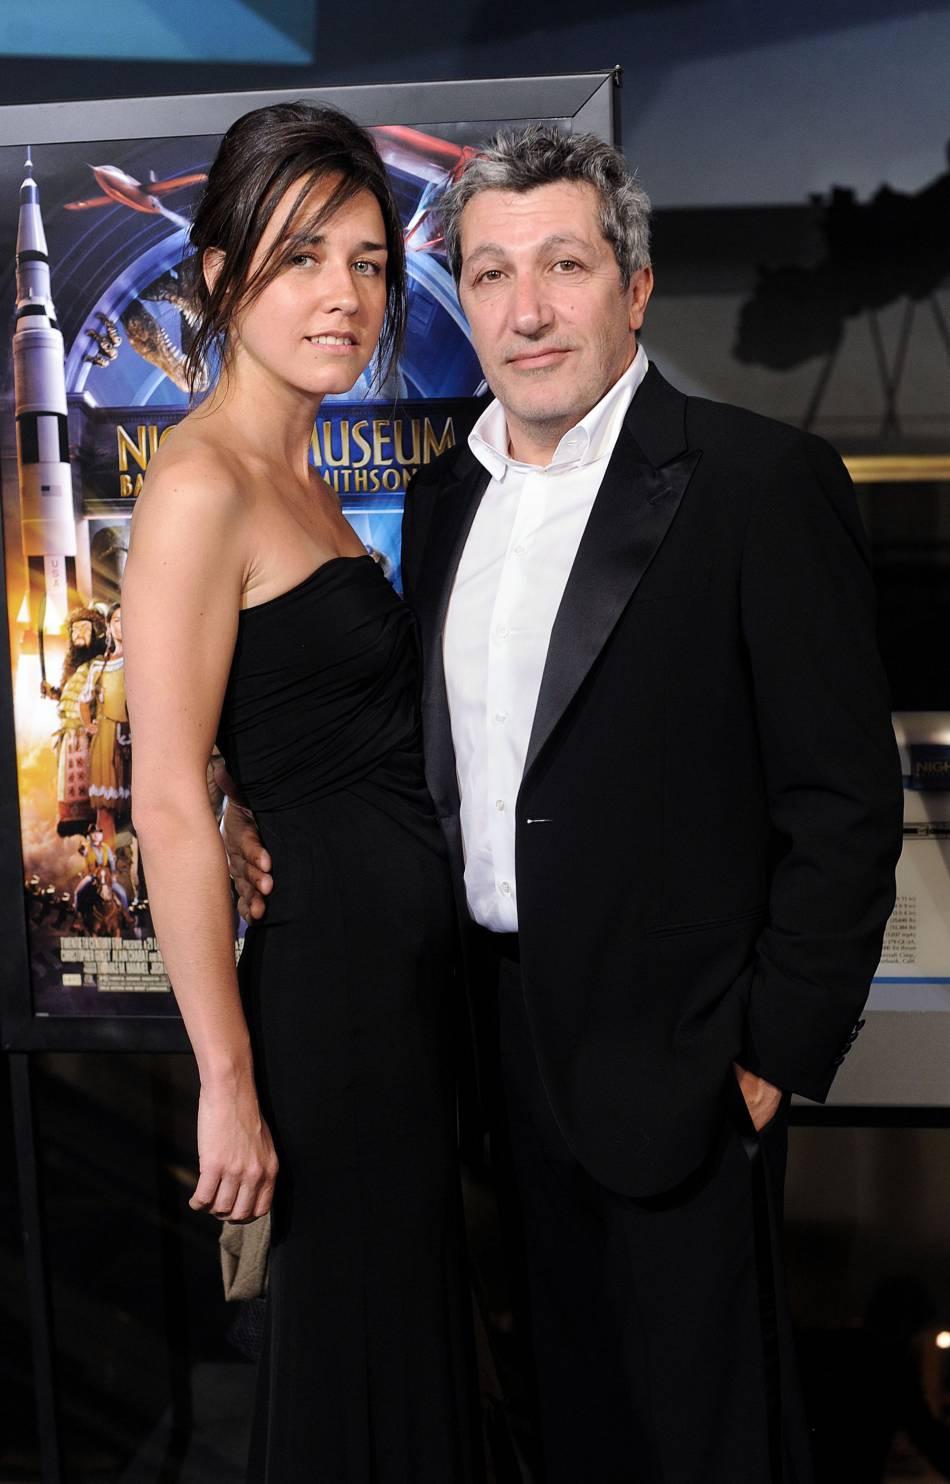 """Alain Chabat et une mystérieuse brune, avec qui il a foulé le tapis rouge à Cannes et ici, lors de la première de """"La Nuit au Musée 2"""" à Washington, en mai 2009."""